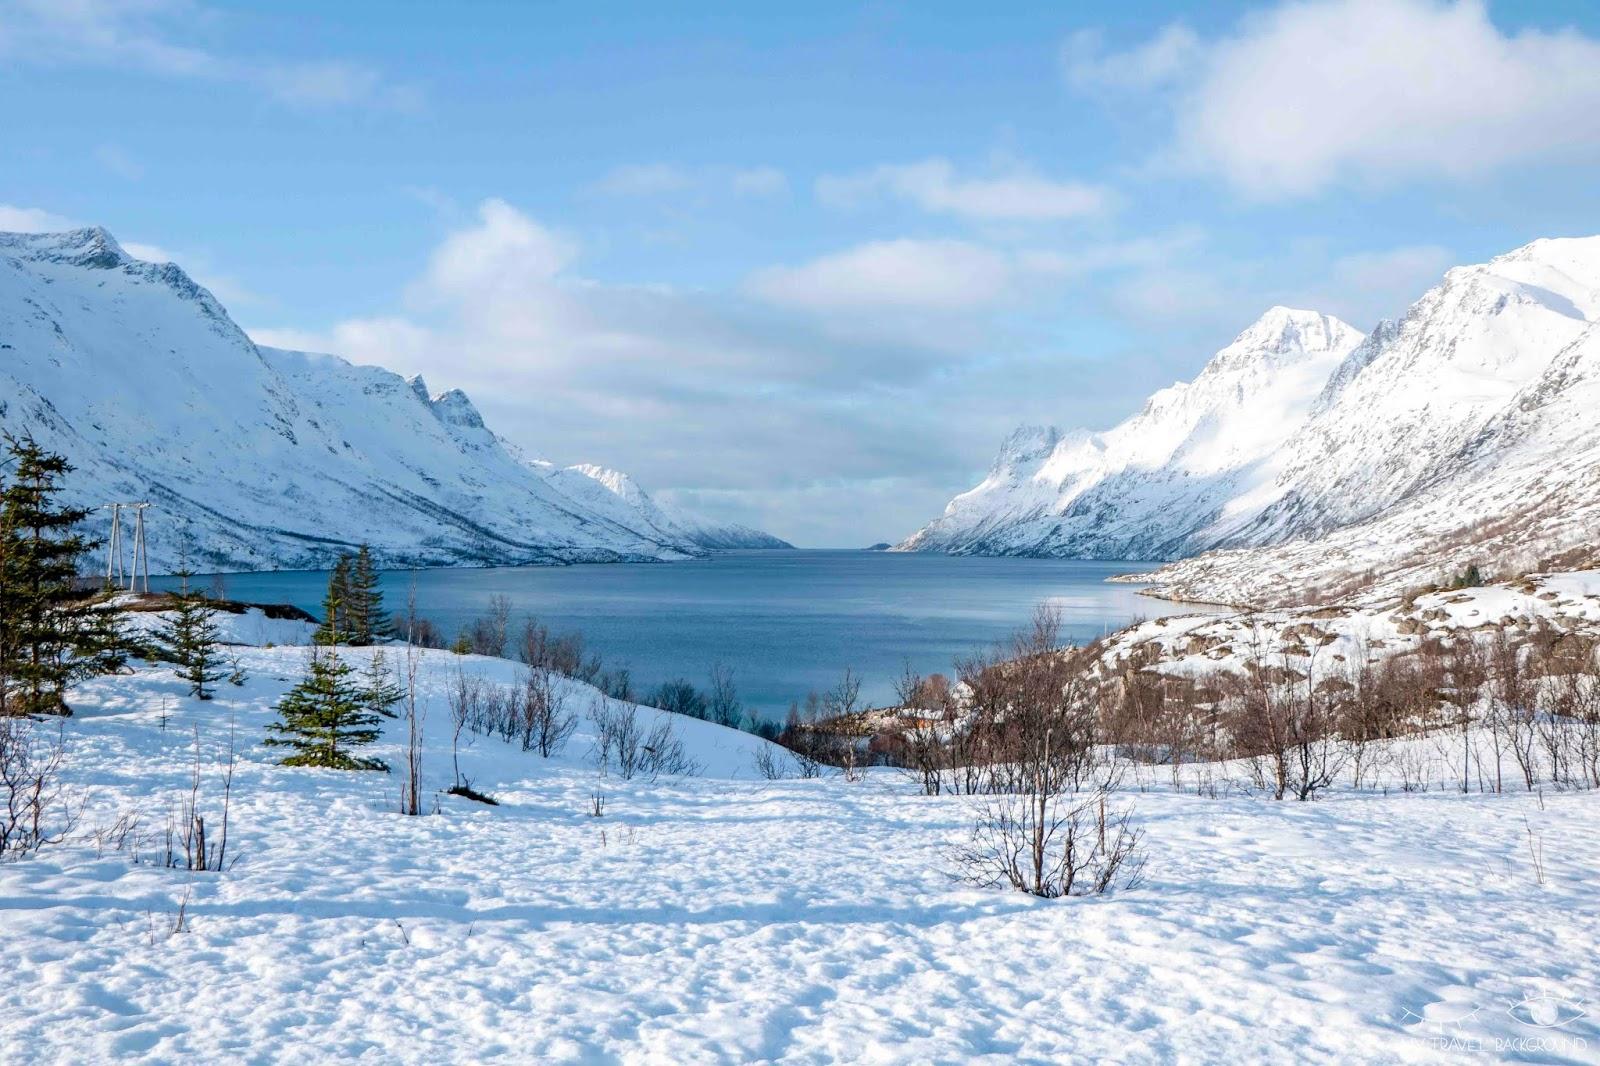 My Travel Background : 13 jours en Norvège et au Svalbard : itinéraire du road trip et infos pratiques - Tromso, fjord